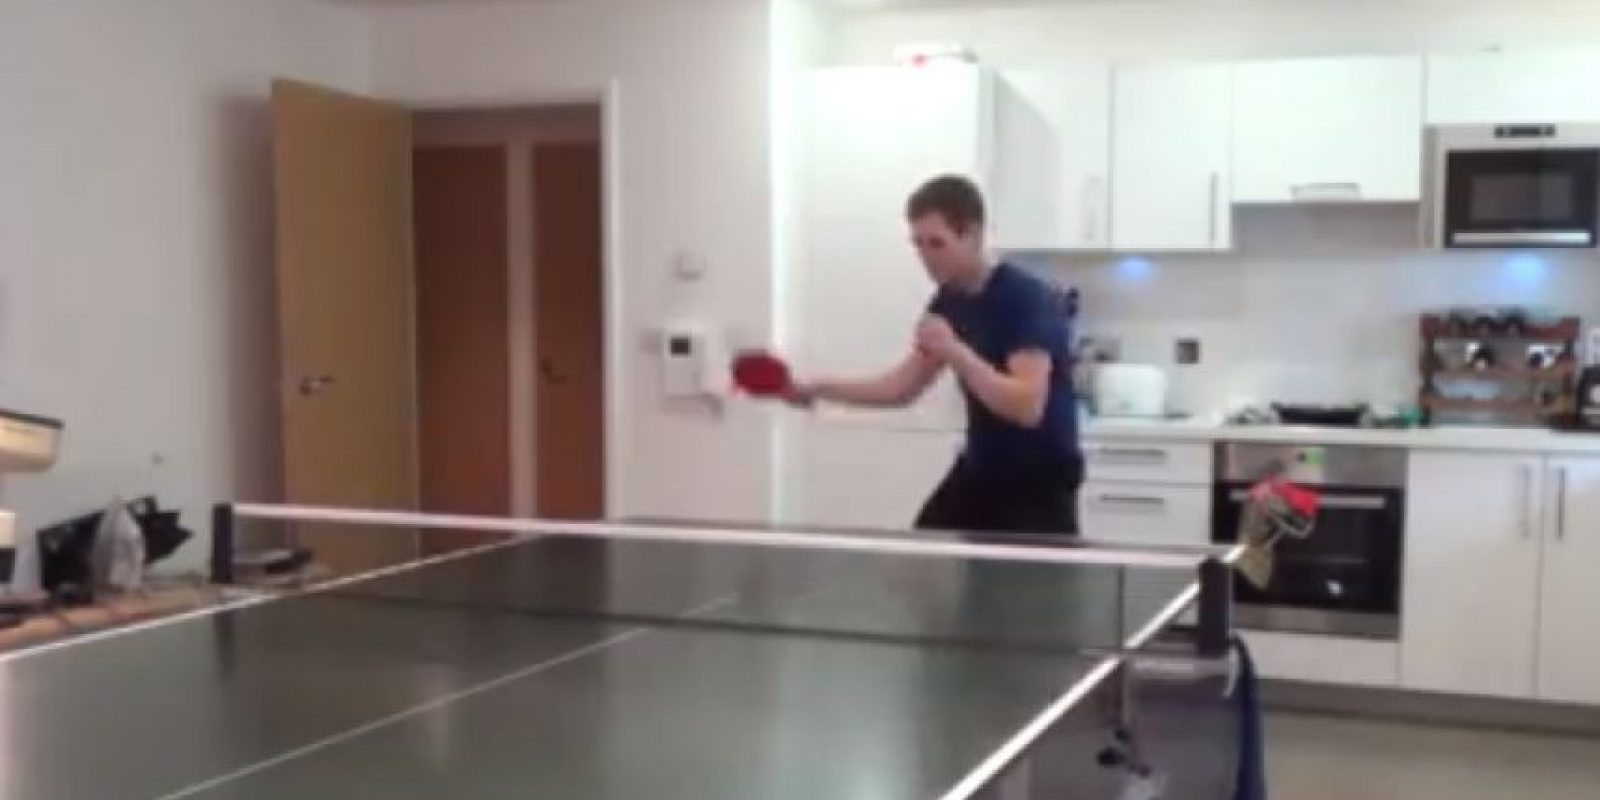 Él es Sam Priestley y durante un año entrenó diariamente tenis de mesa o pinpón Foto:www.youtube.com